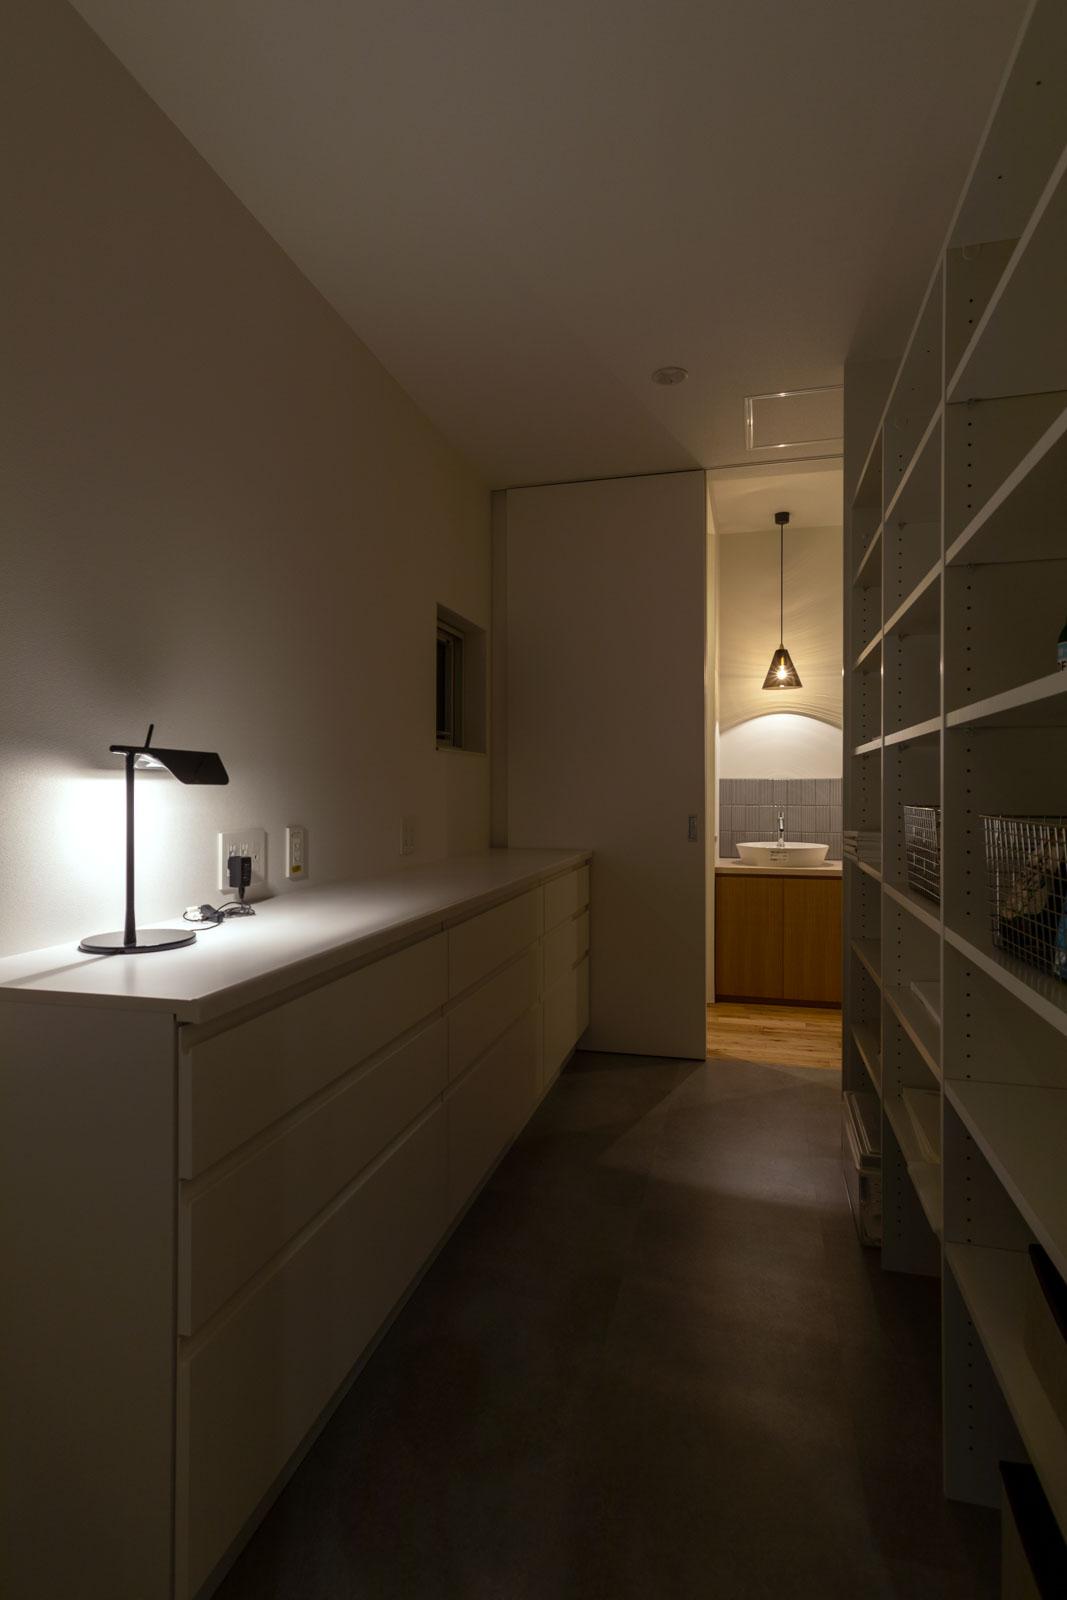 キッチンに隣接して、ストック食材や食器、キッチン用品などをたっぷり収納できる大型のパントリーを設置。階段ホールにもつながる回遊動線を採用